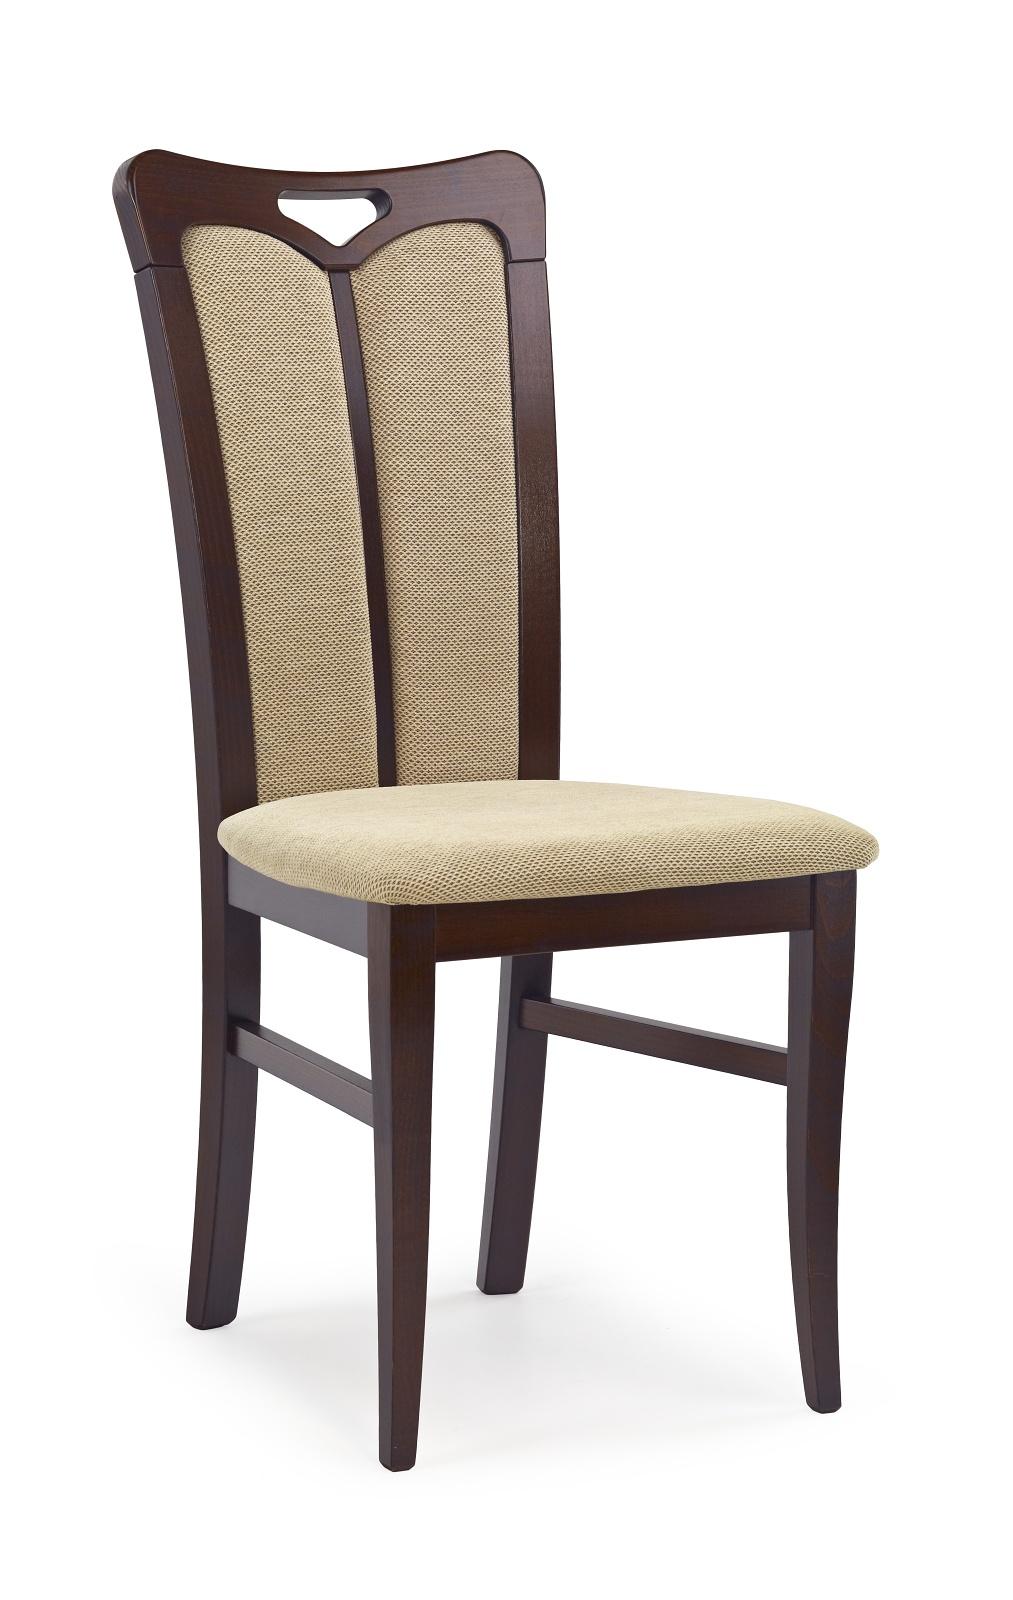 Jídelní židle - Halmar - Hubert 2 Ořech tmavý + béžová